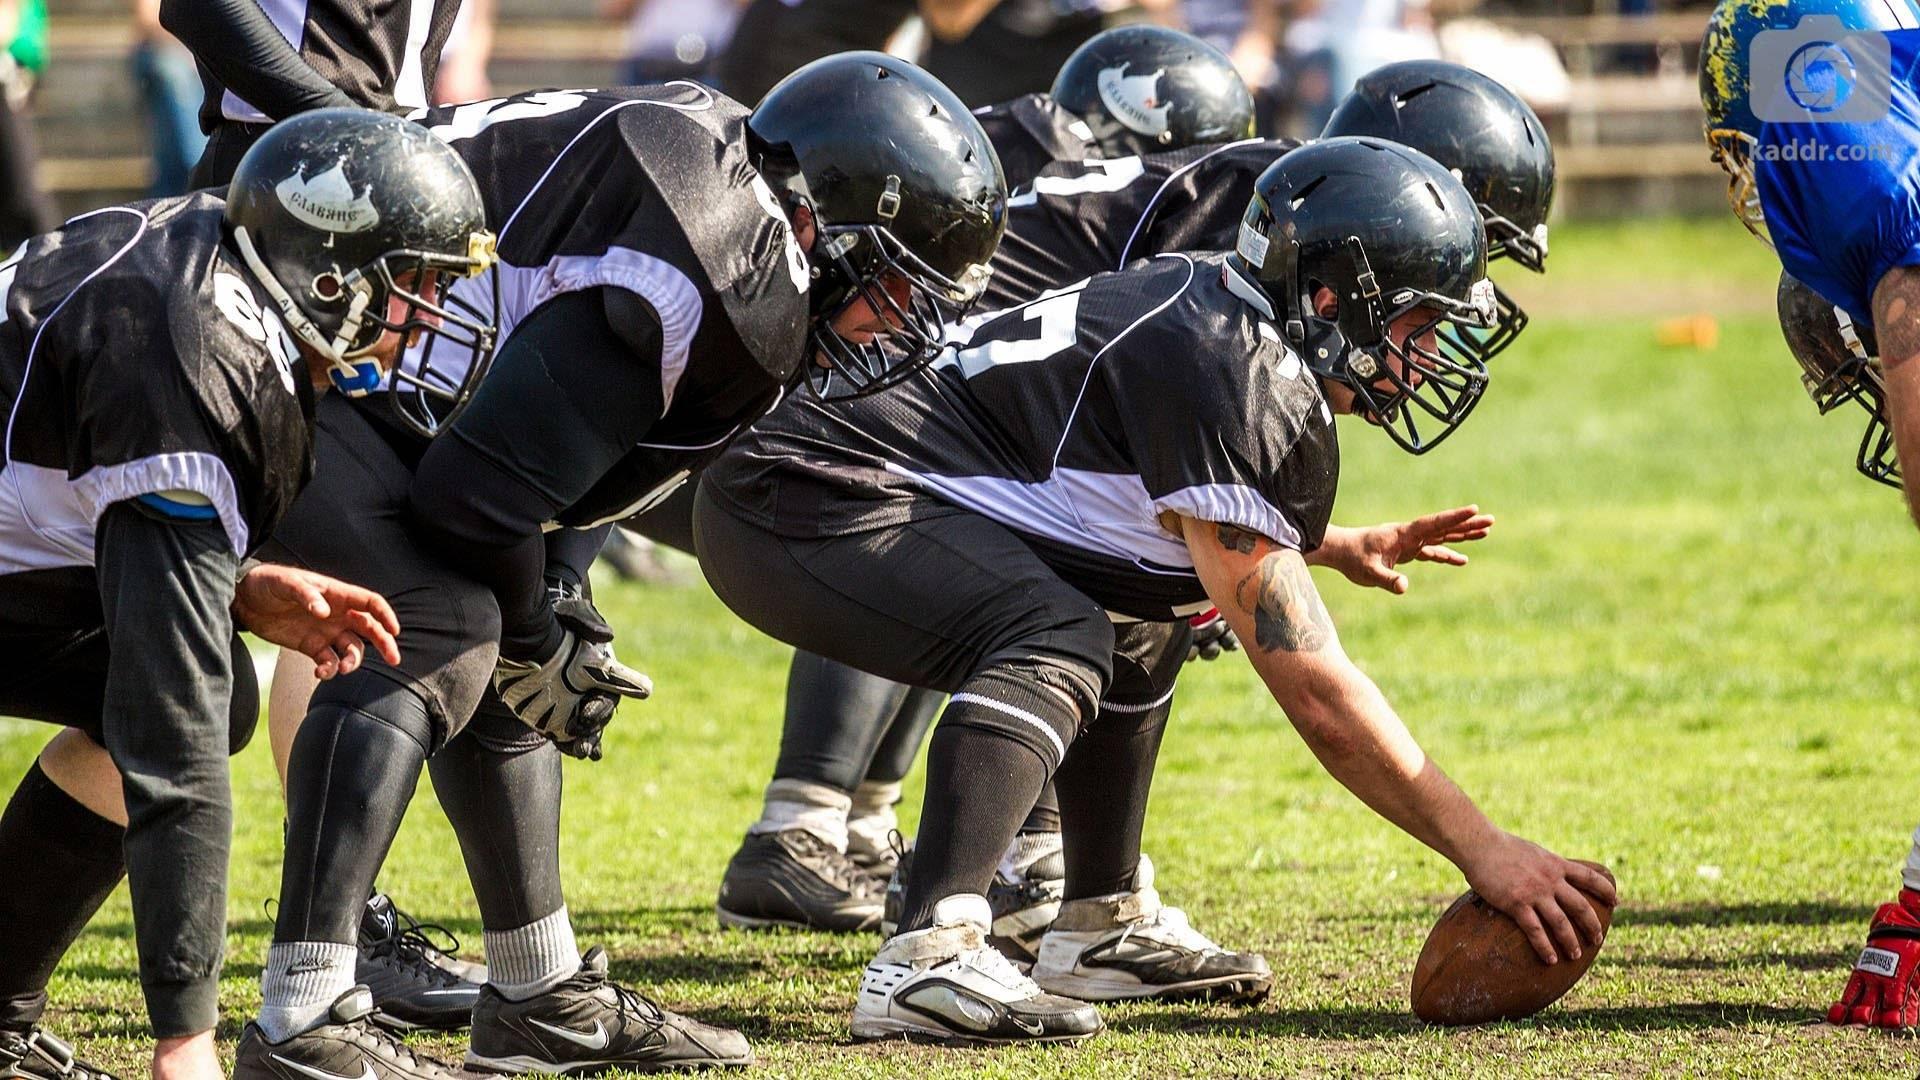 Американский футбол как хобби и увлечение